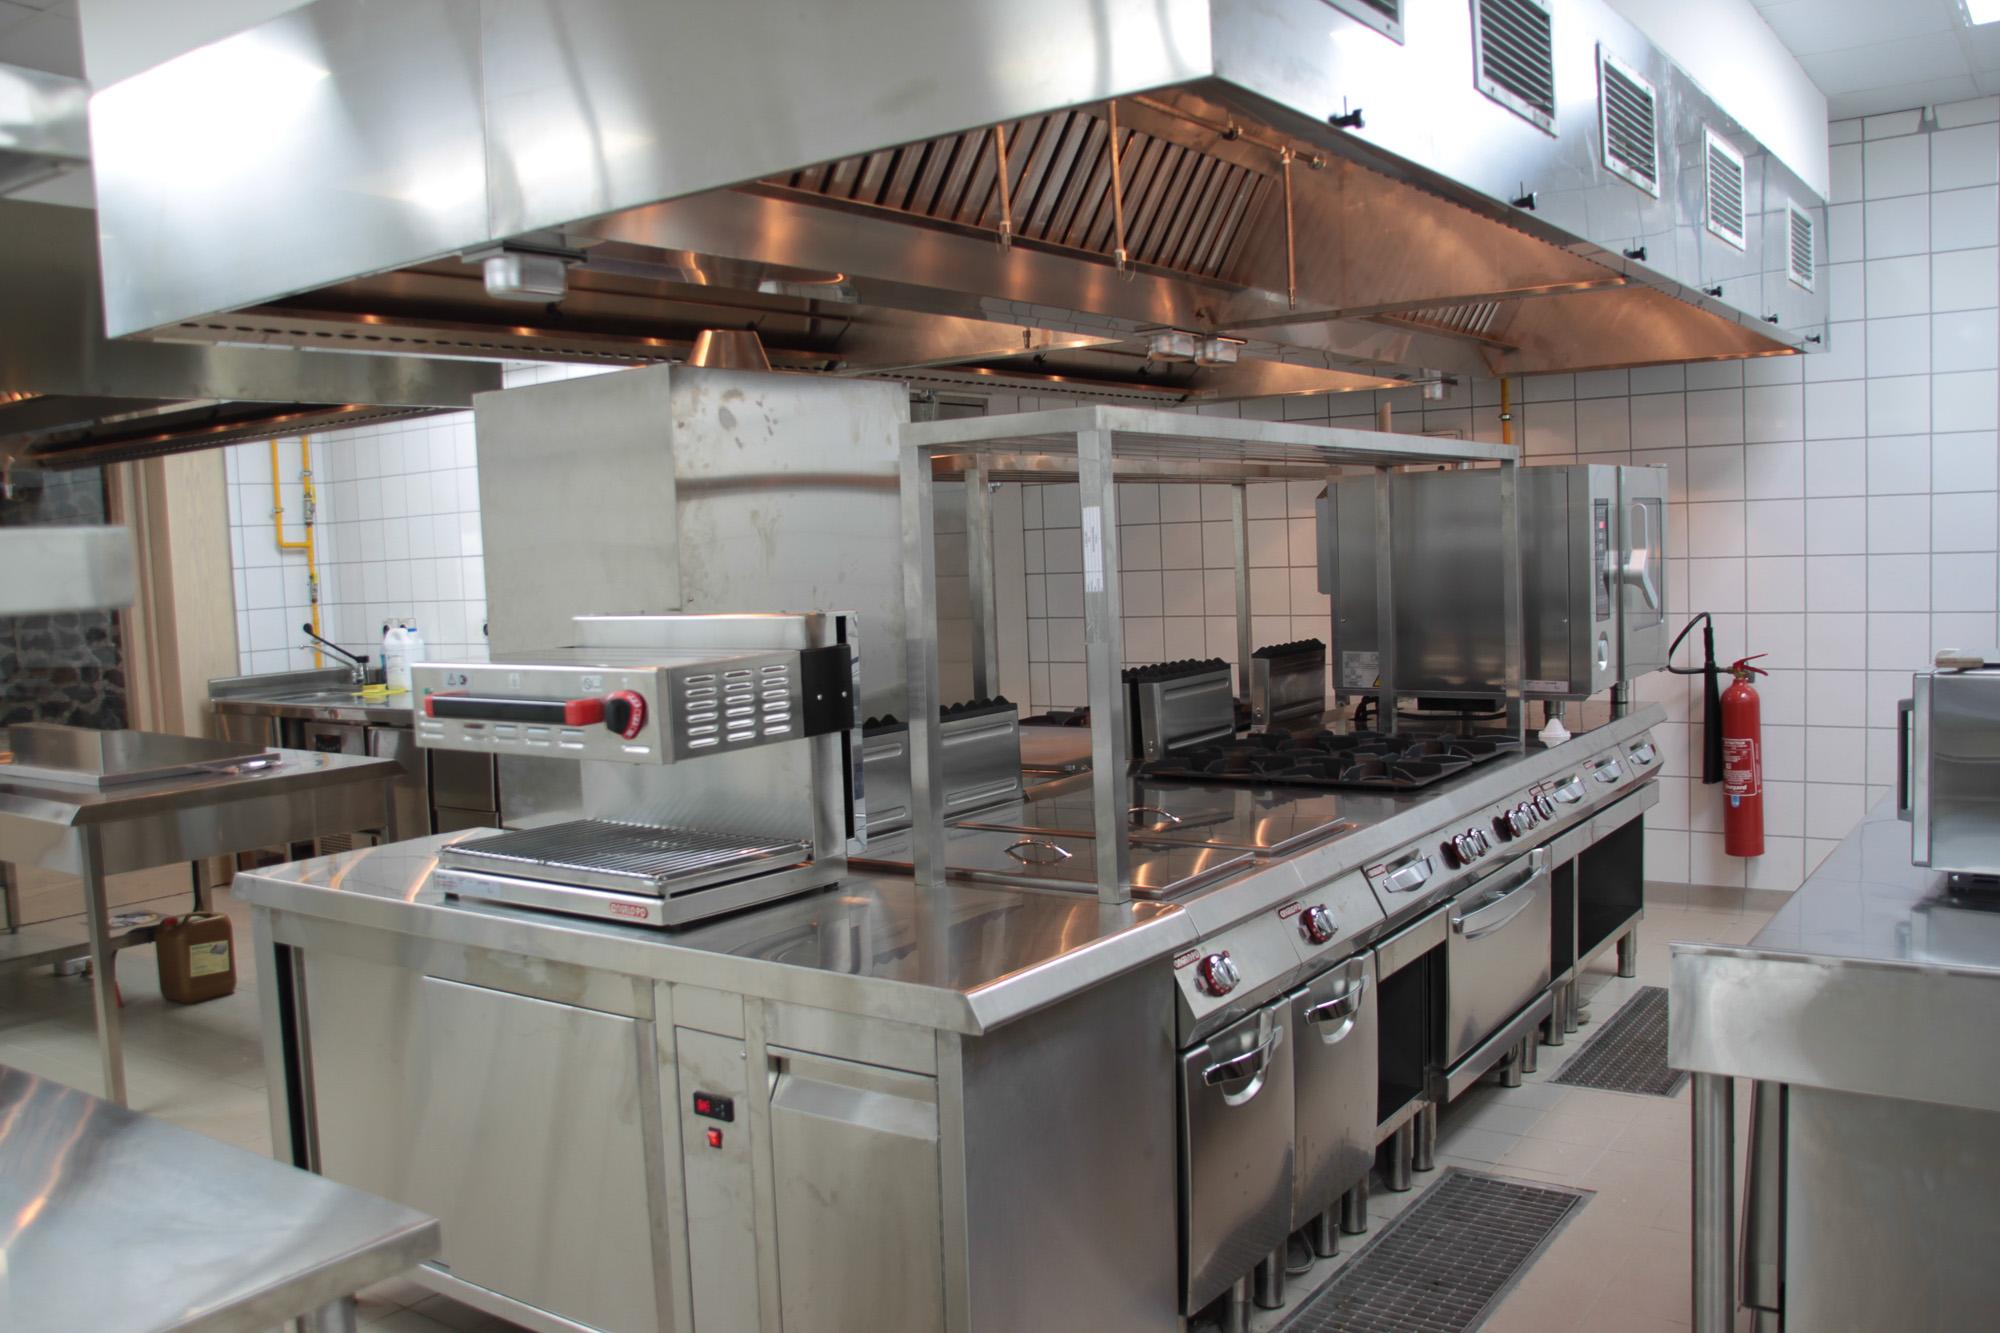 Italia_kitchen_-st.regis-11